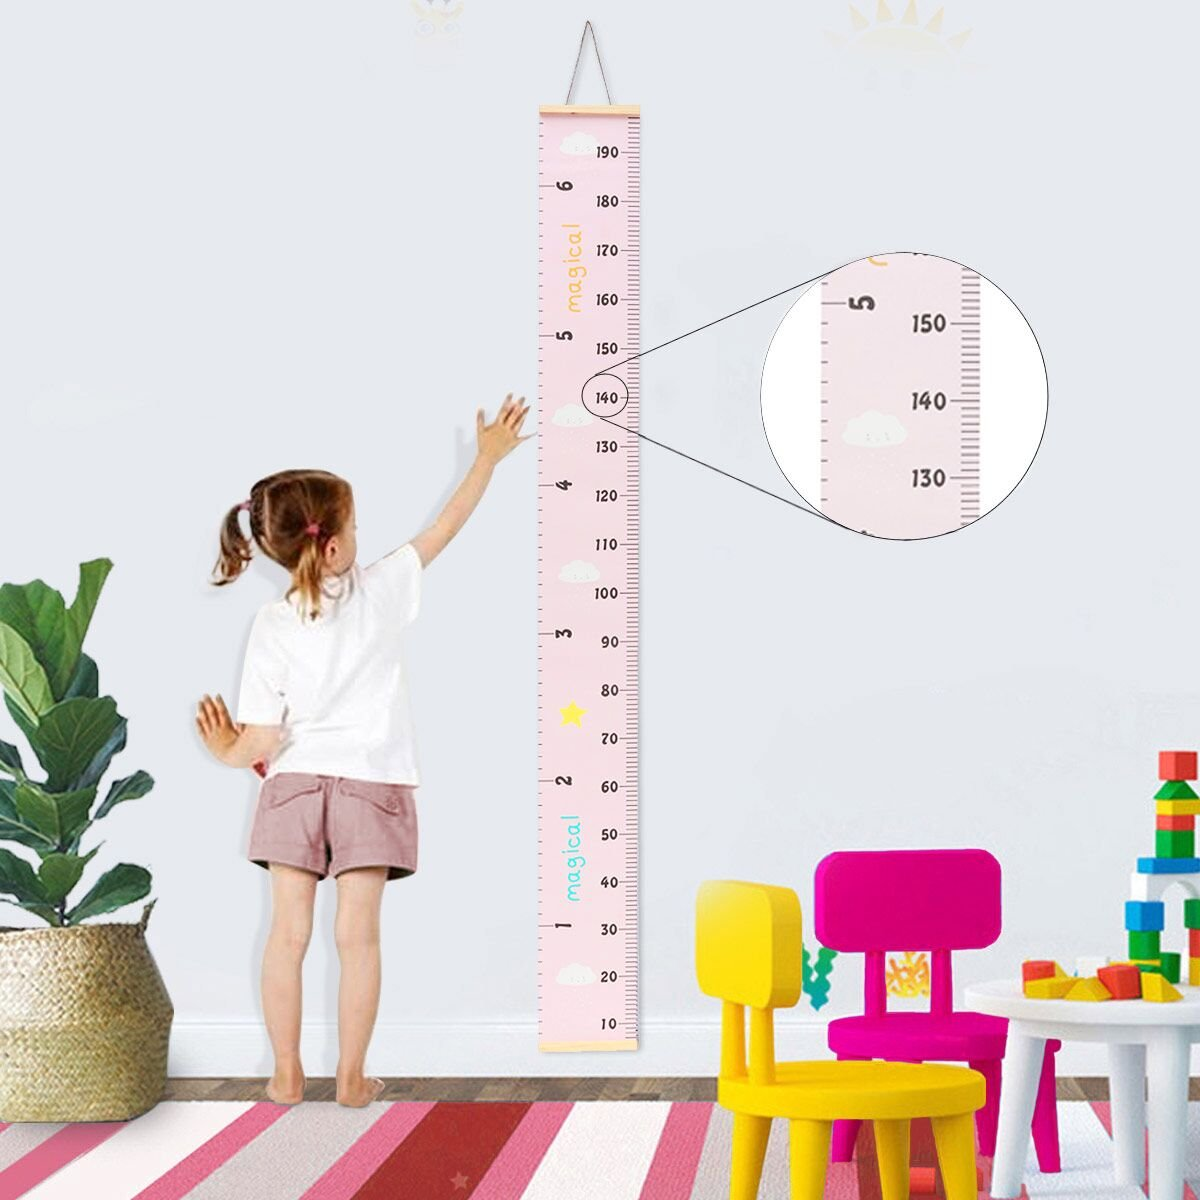 Jeteven Messlatte Tragbare aufrollbar Segeltuch und Holz Messlatte Höhe Diagramm um Kinder von der Geburt bis zum Erwachsenenalter,20x200cm Kinderzimmer Dekor (rosa)